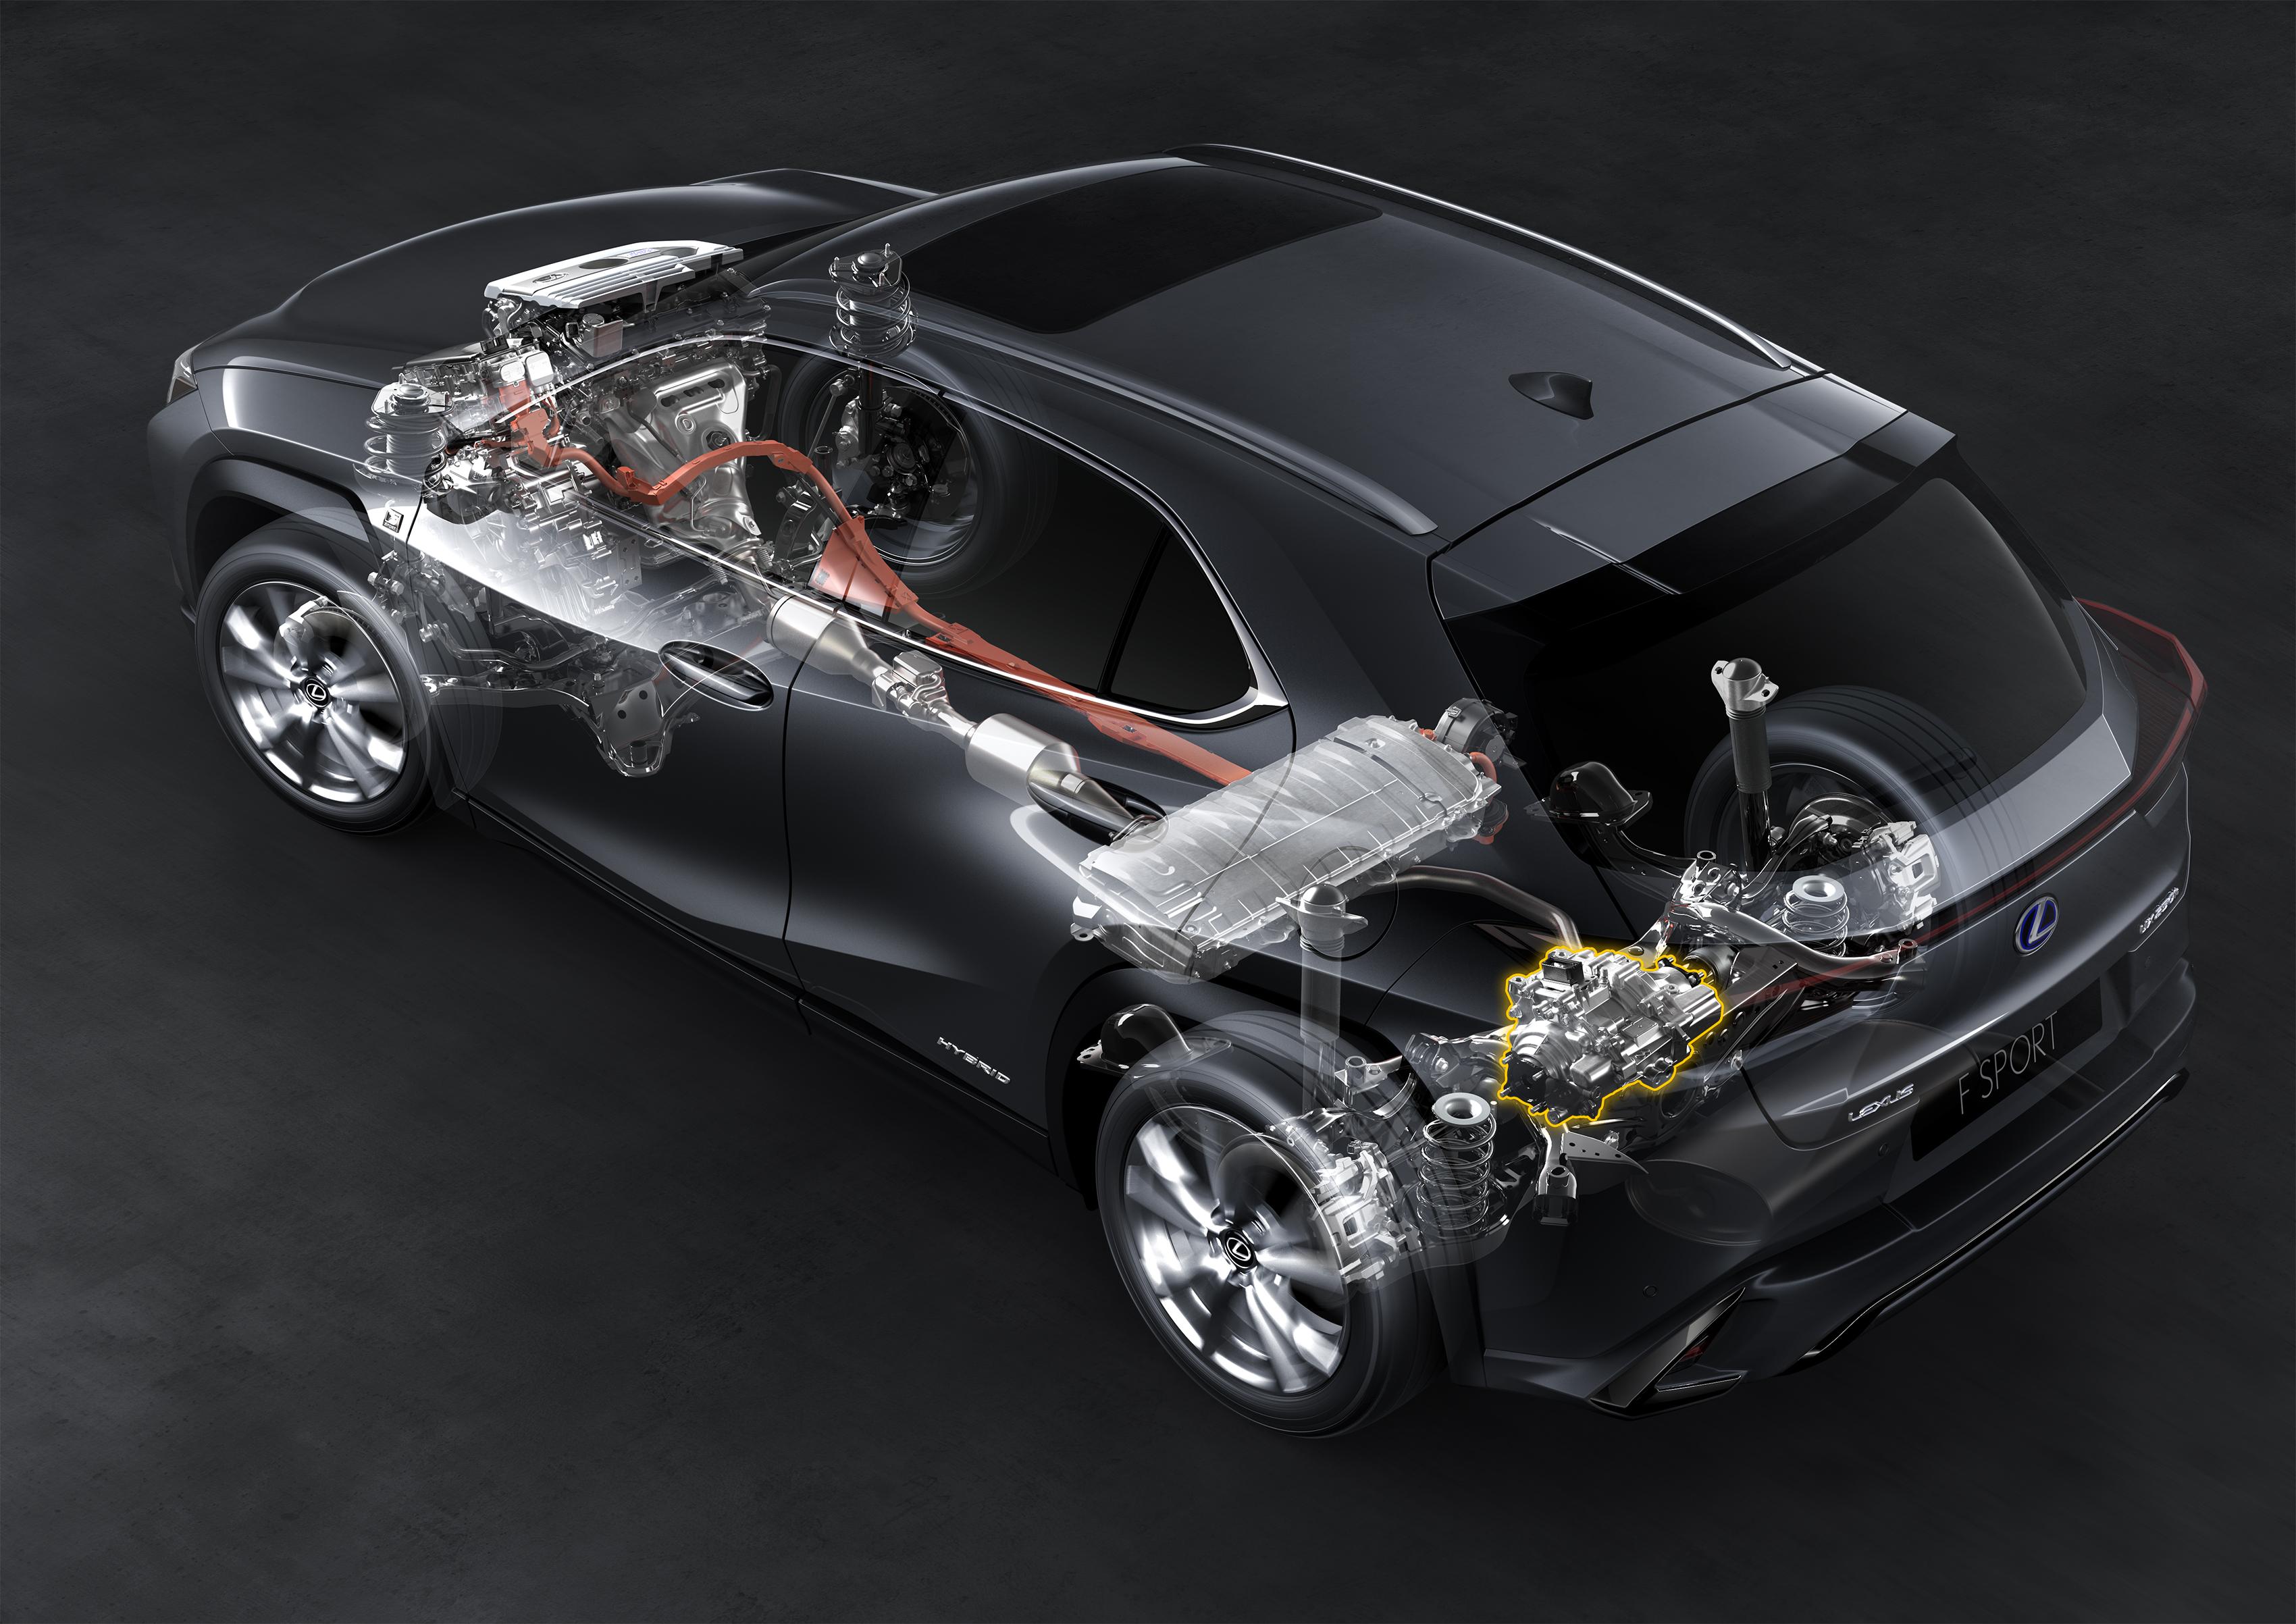 Lexus Hybrid Service garanzia a chilometraggio illimitato per la batteria